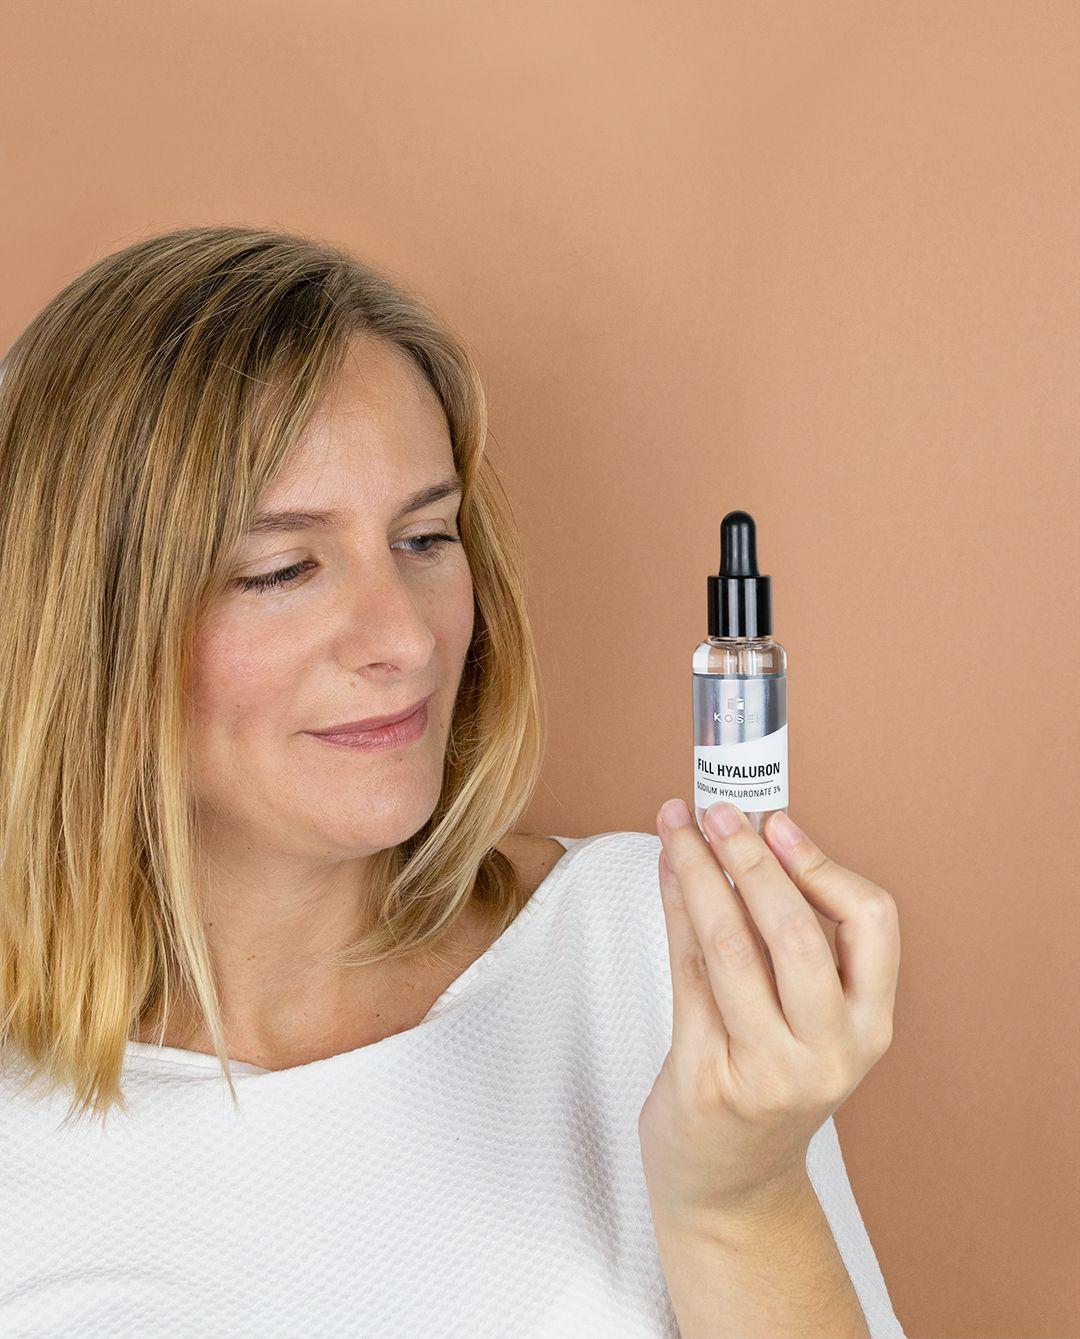 tratamiento-anti-age-booster-antiedad